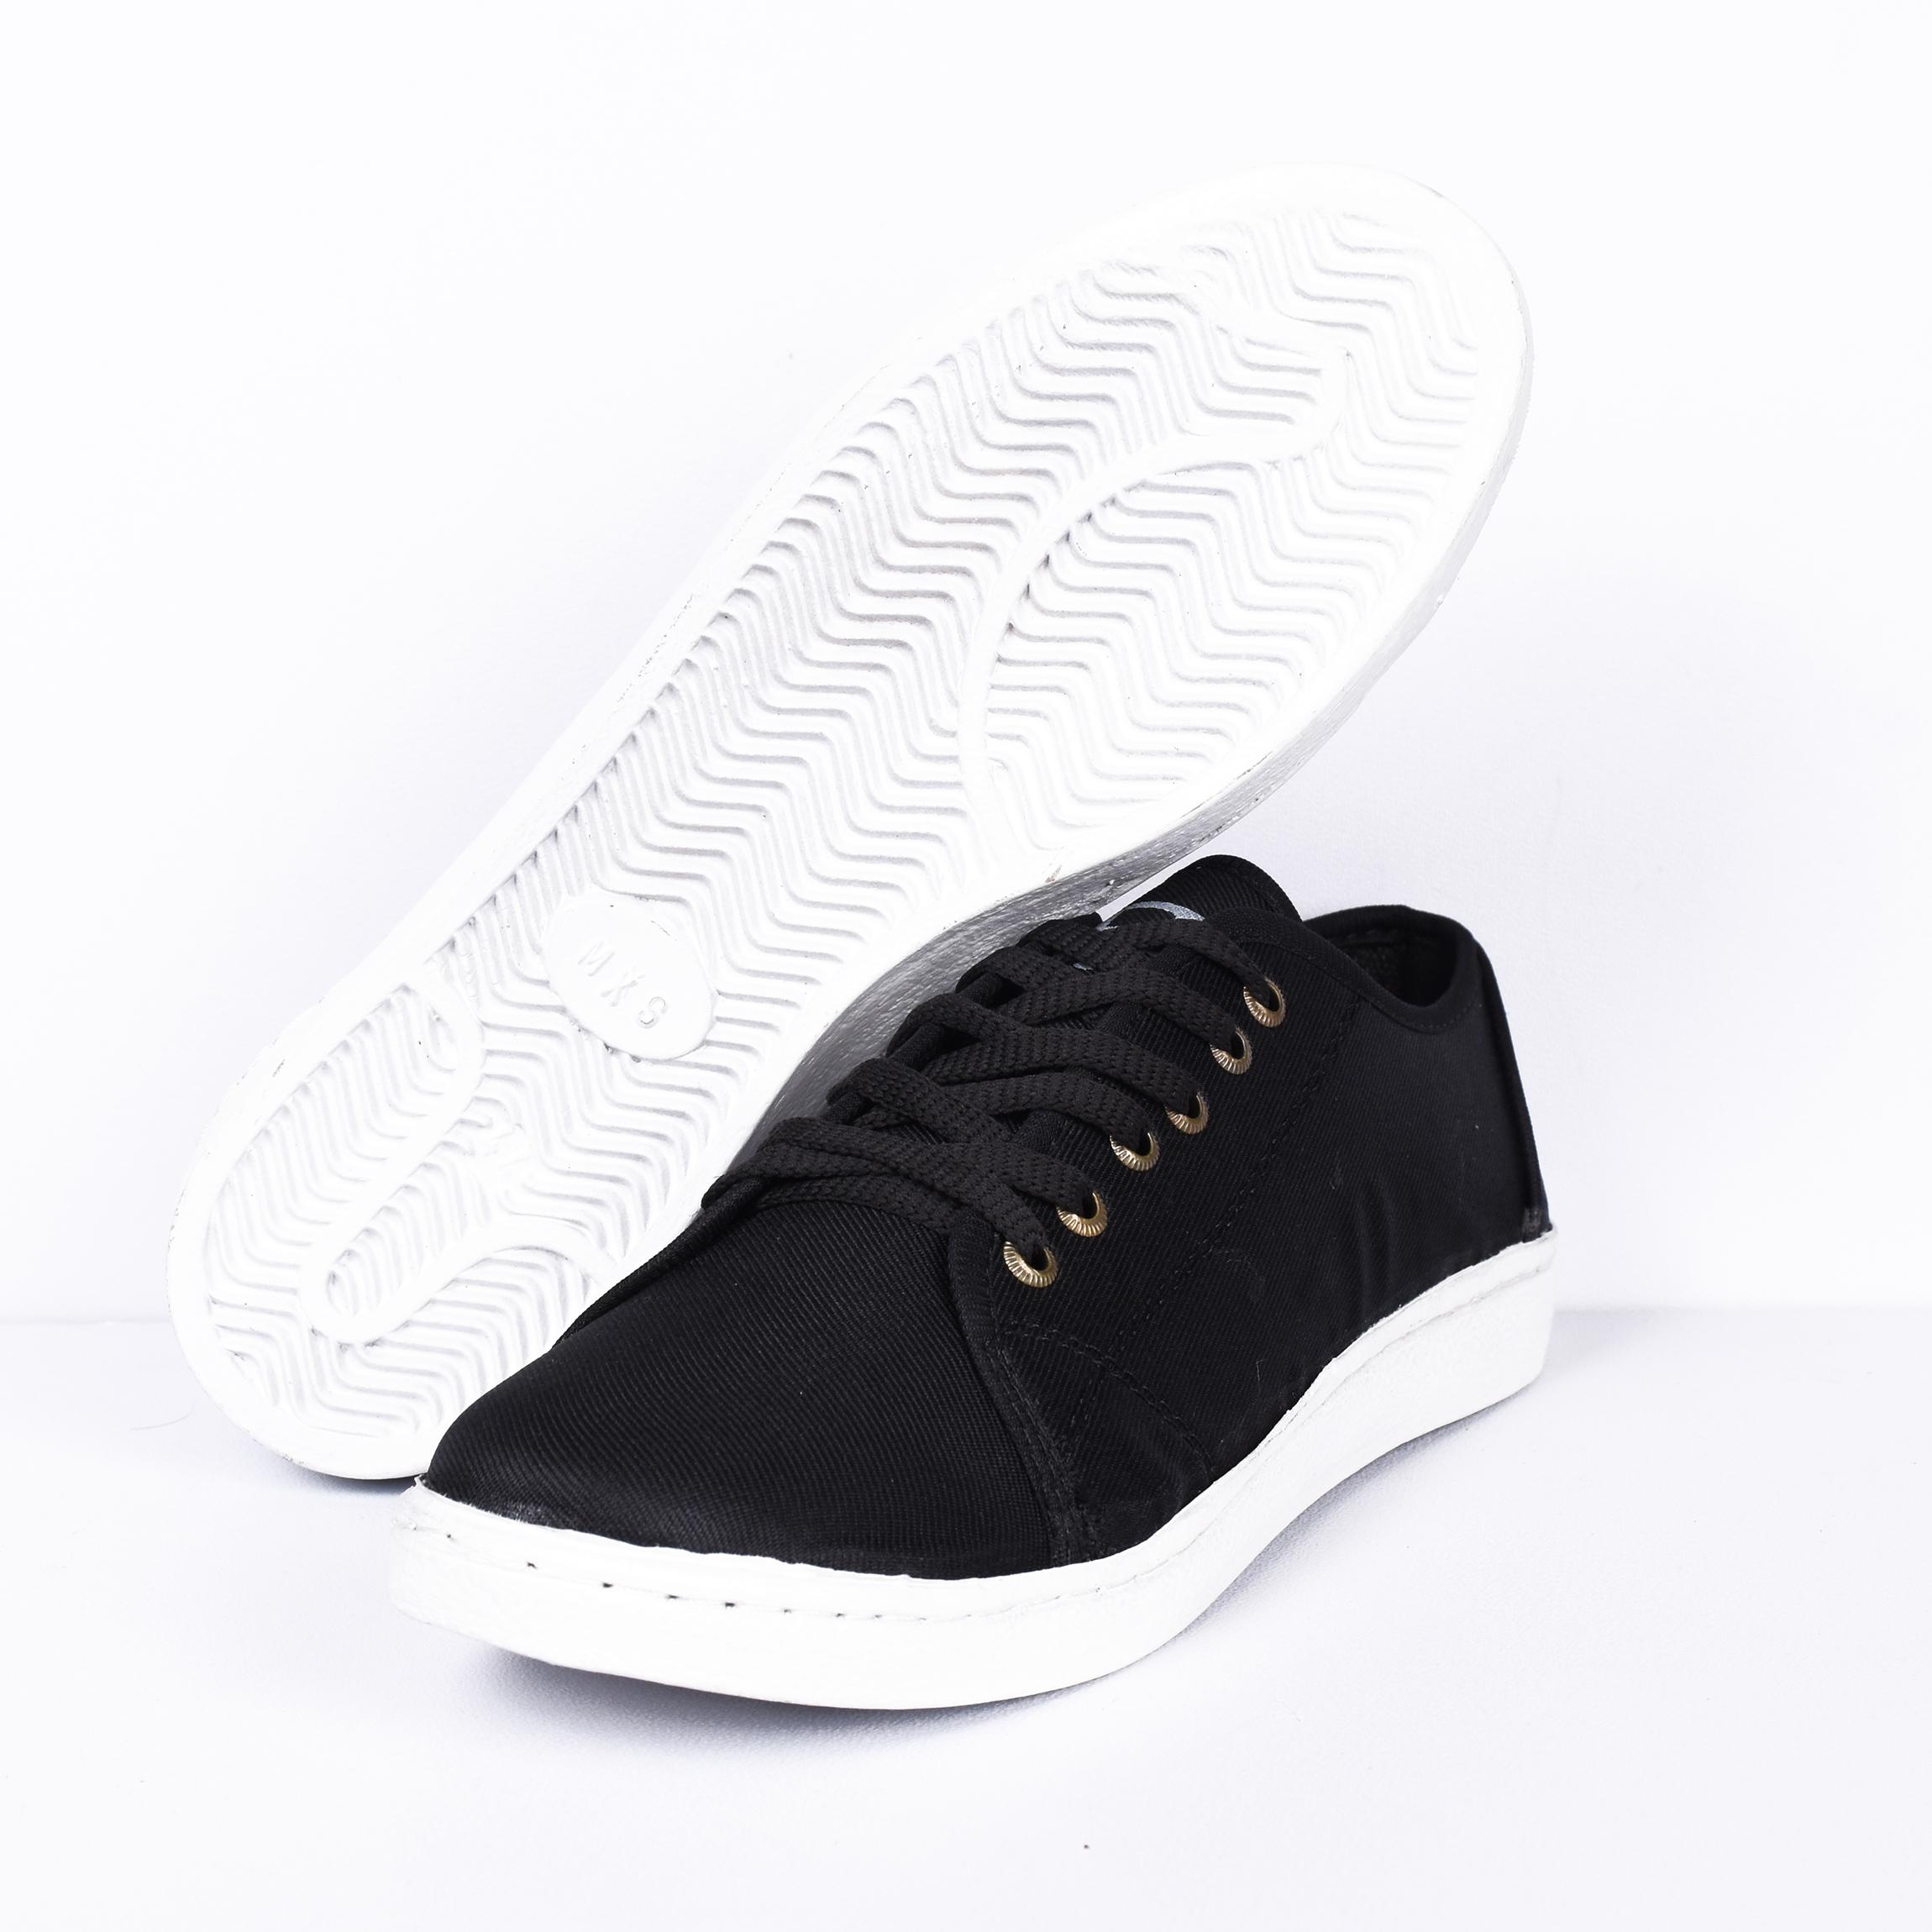 کفش راحتی مردانه کد ۸۸۹۹